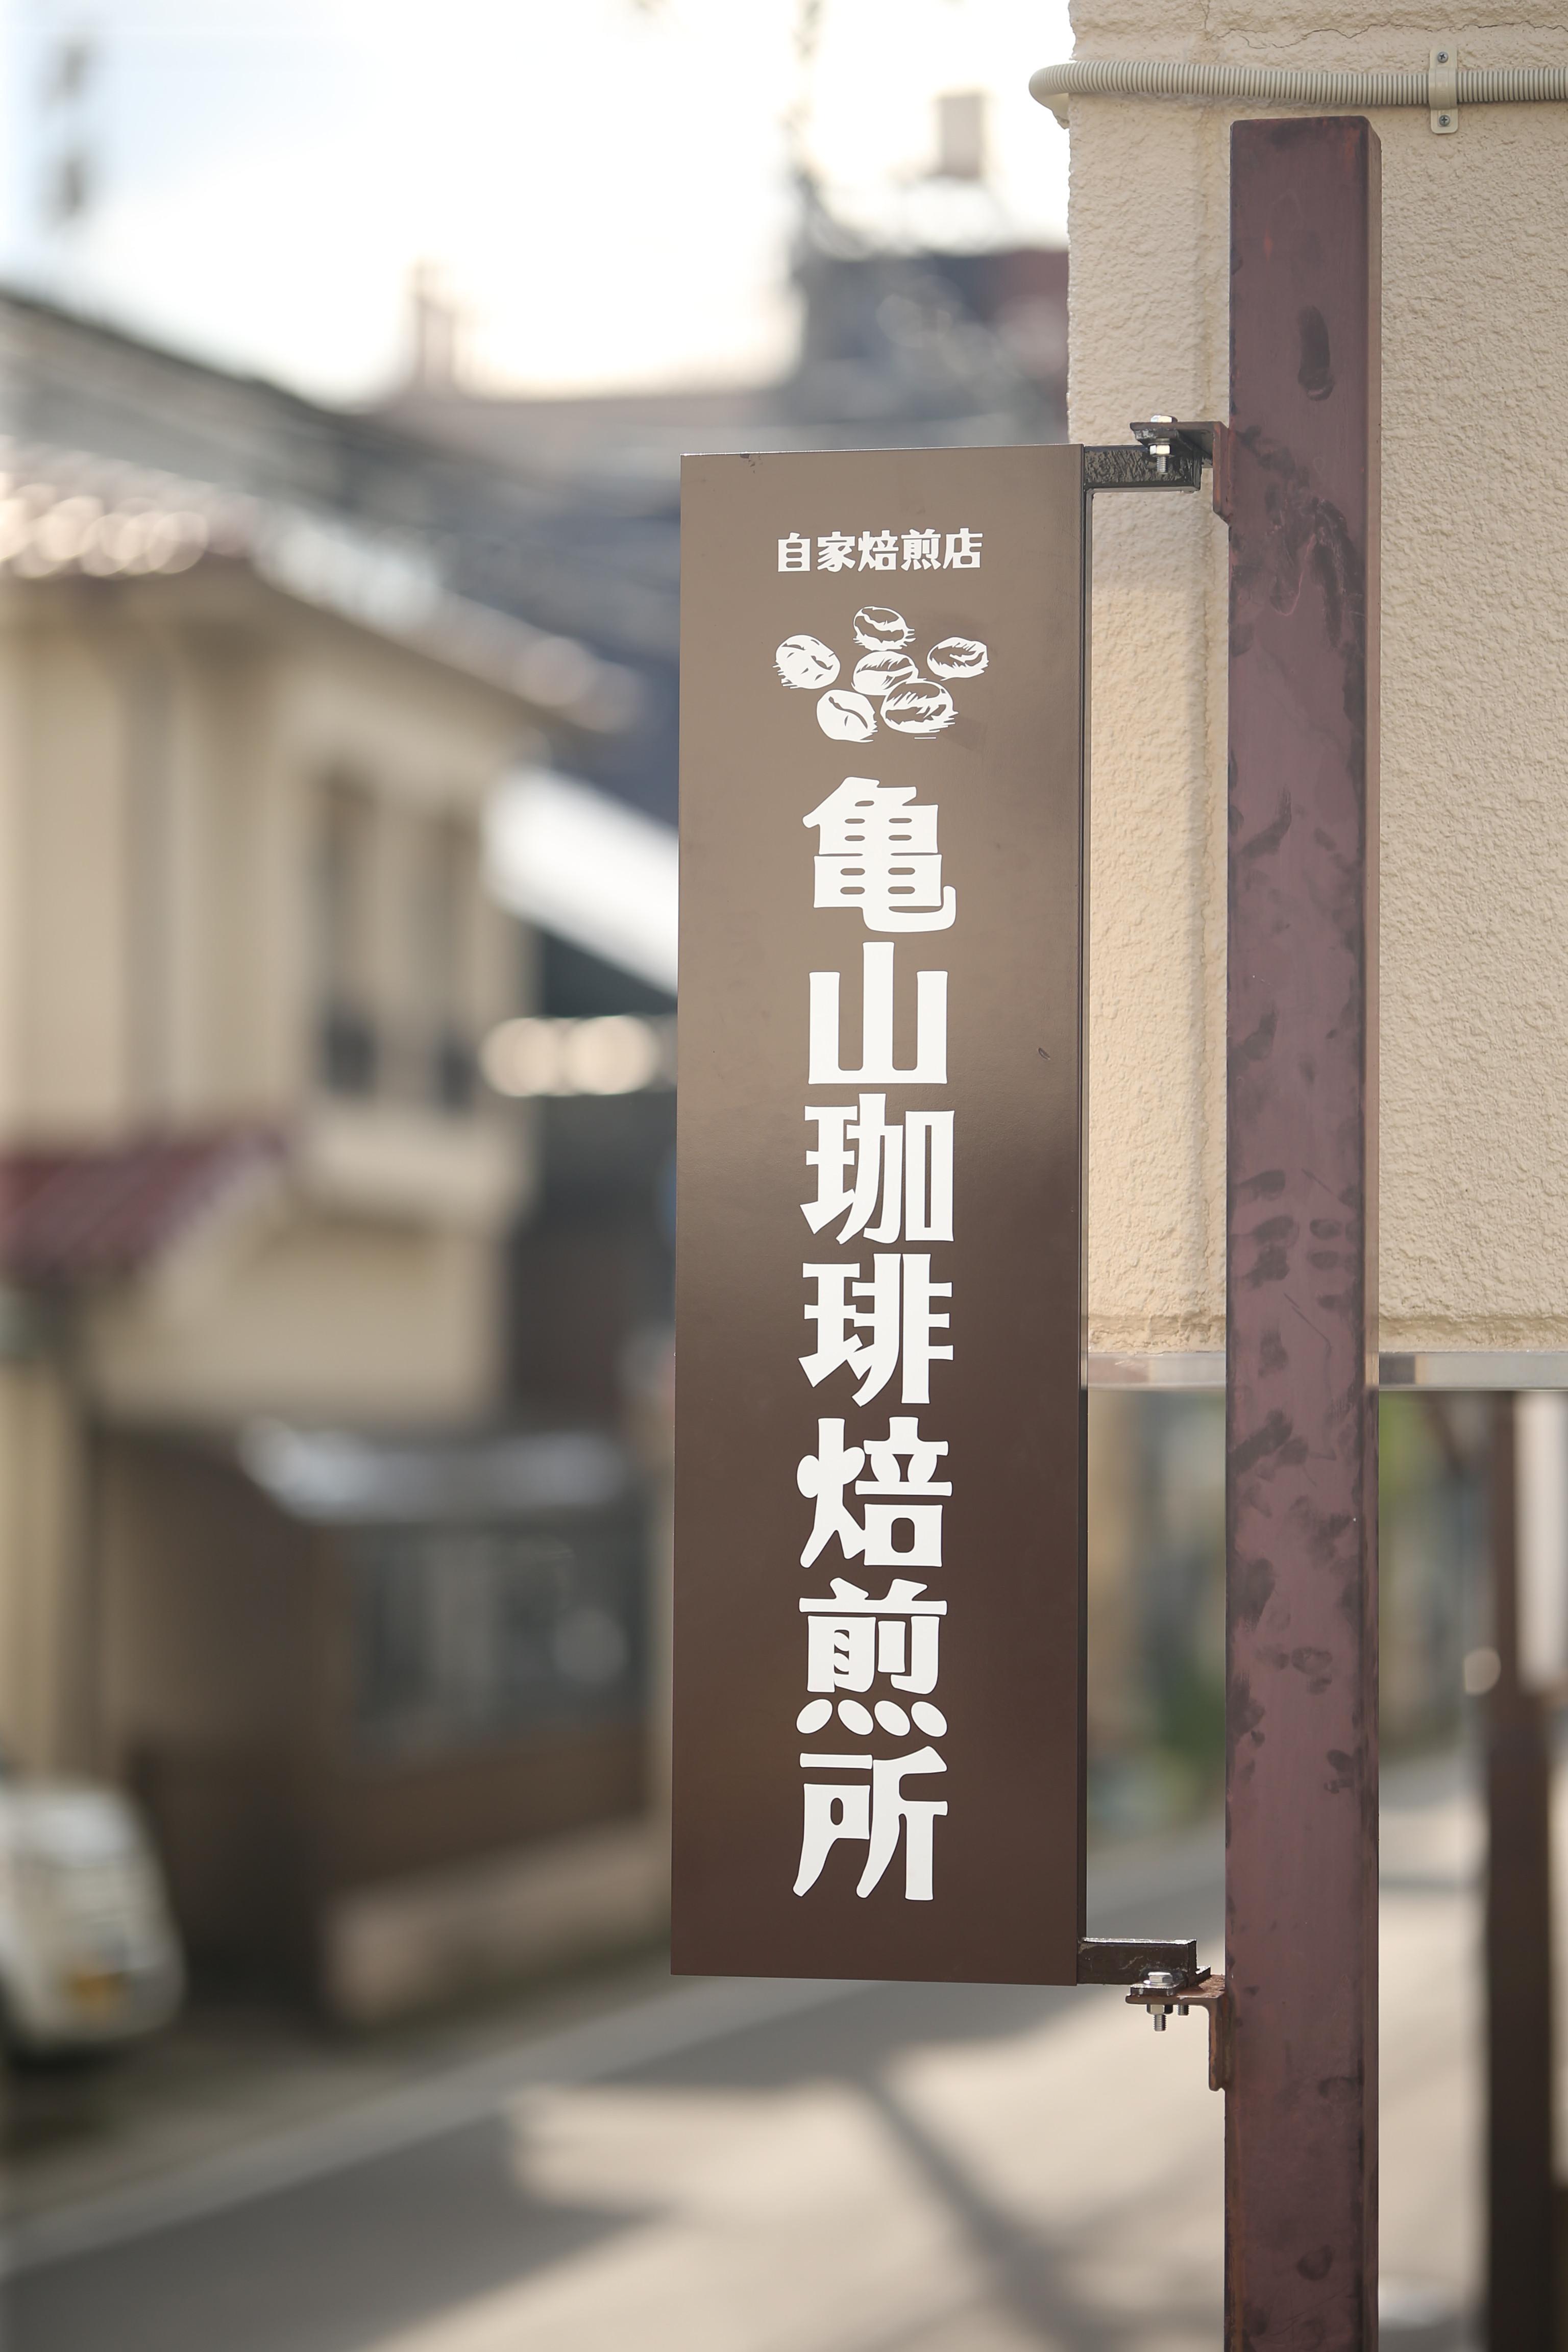 亀山珈琲焙煎所